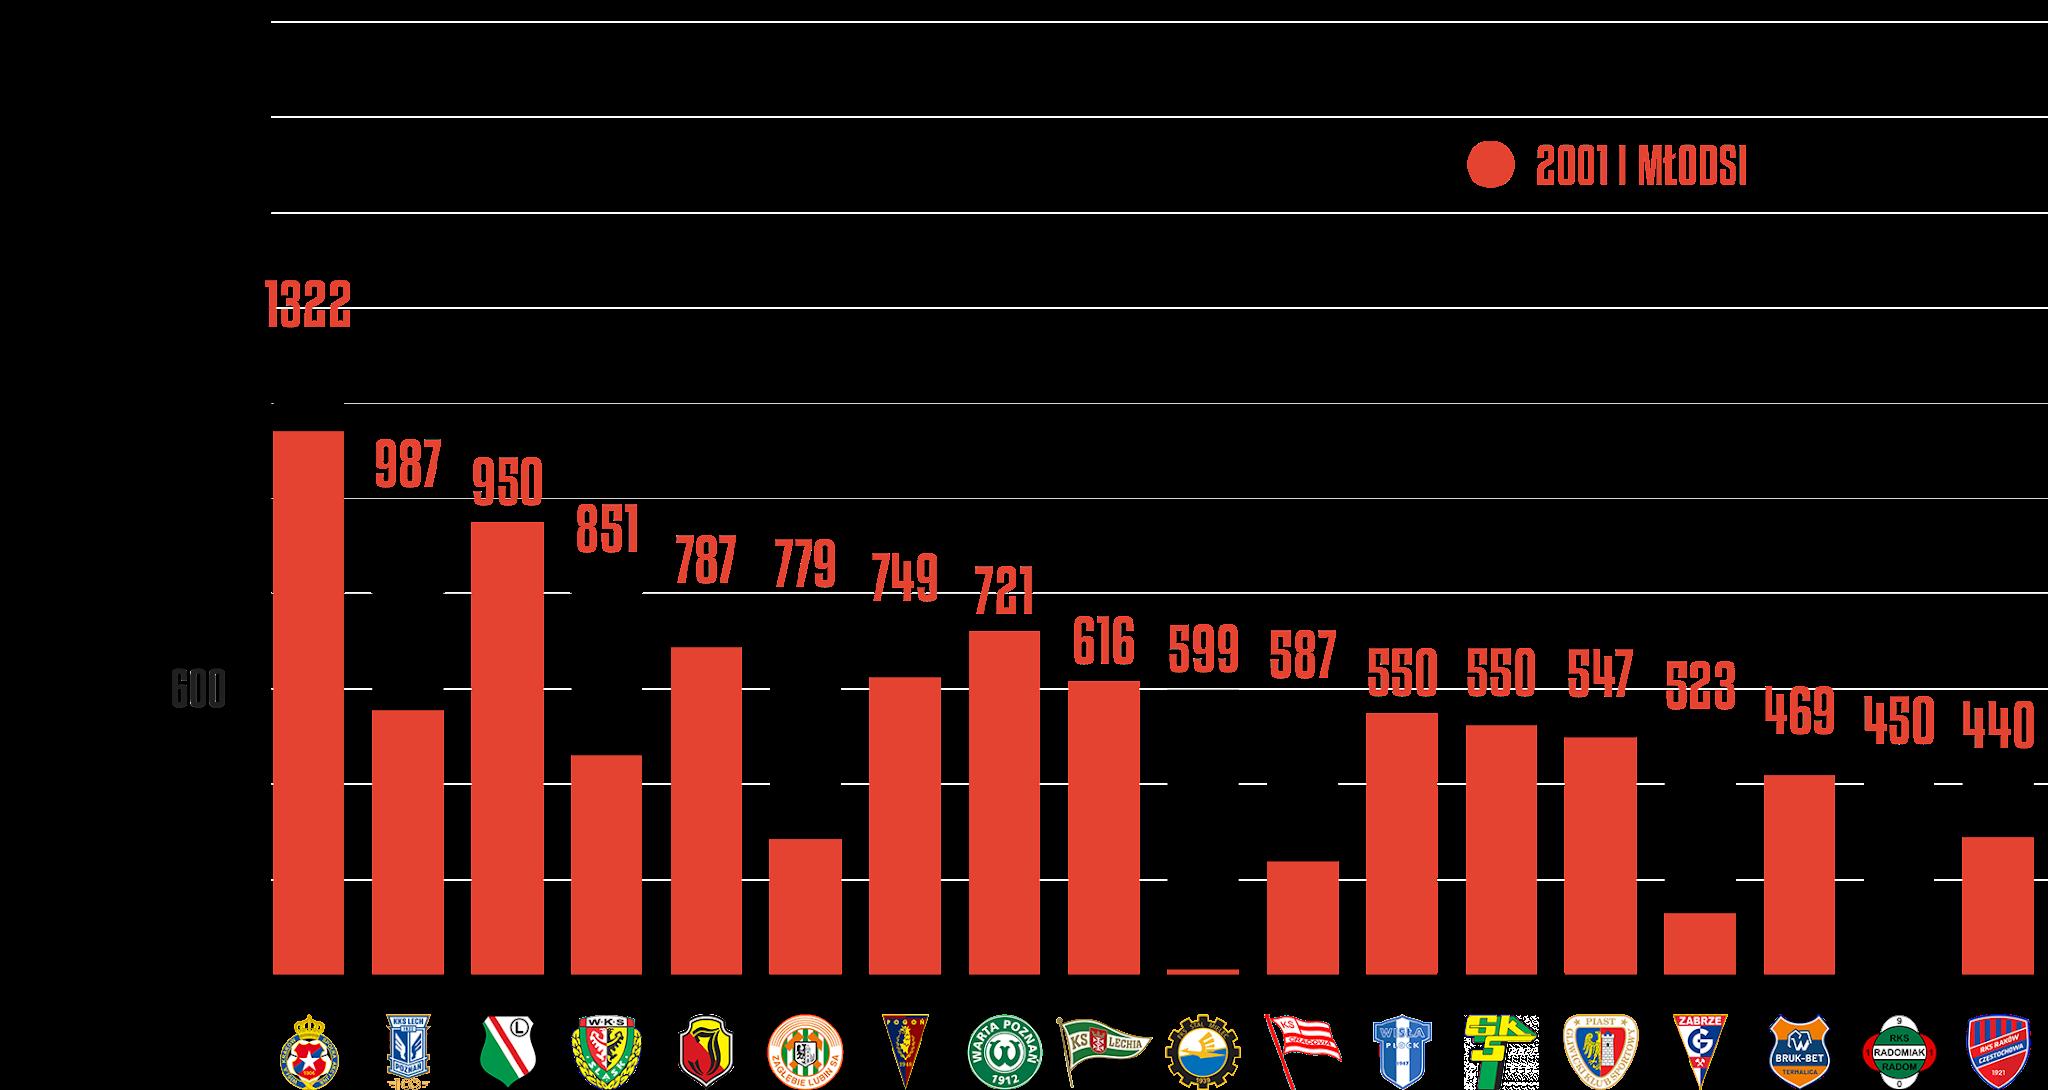 Klasyfikacja klubów pod względem rozegranego czasu przez młodzieżowców po 6.kolejce PKO Ekstraklasy<br><br>Źródło: Opracowanie własne na podstawie ekstrastats.pl<br><br>graf. Bartosz Urban